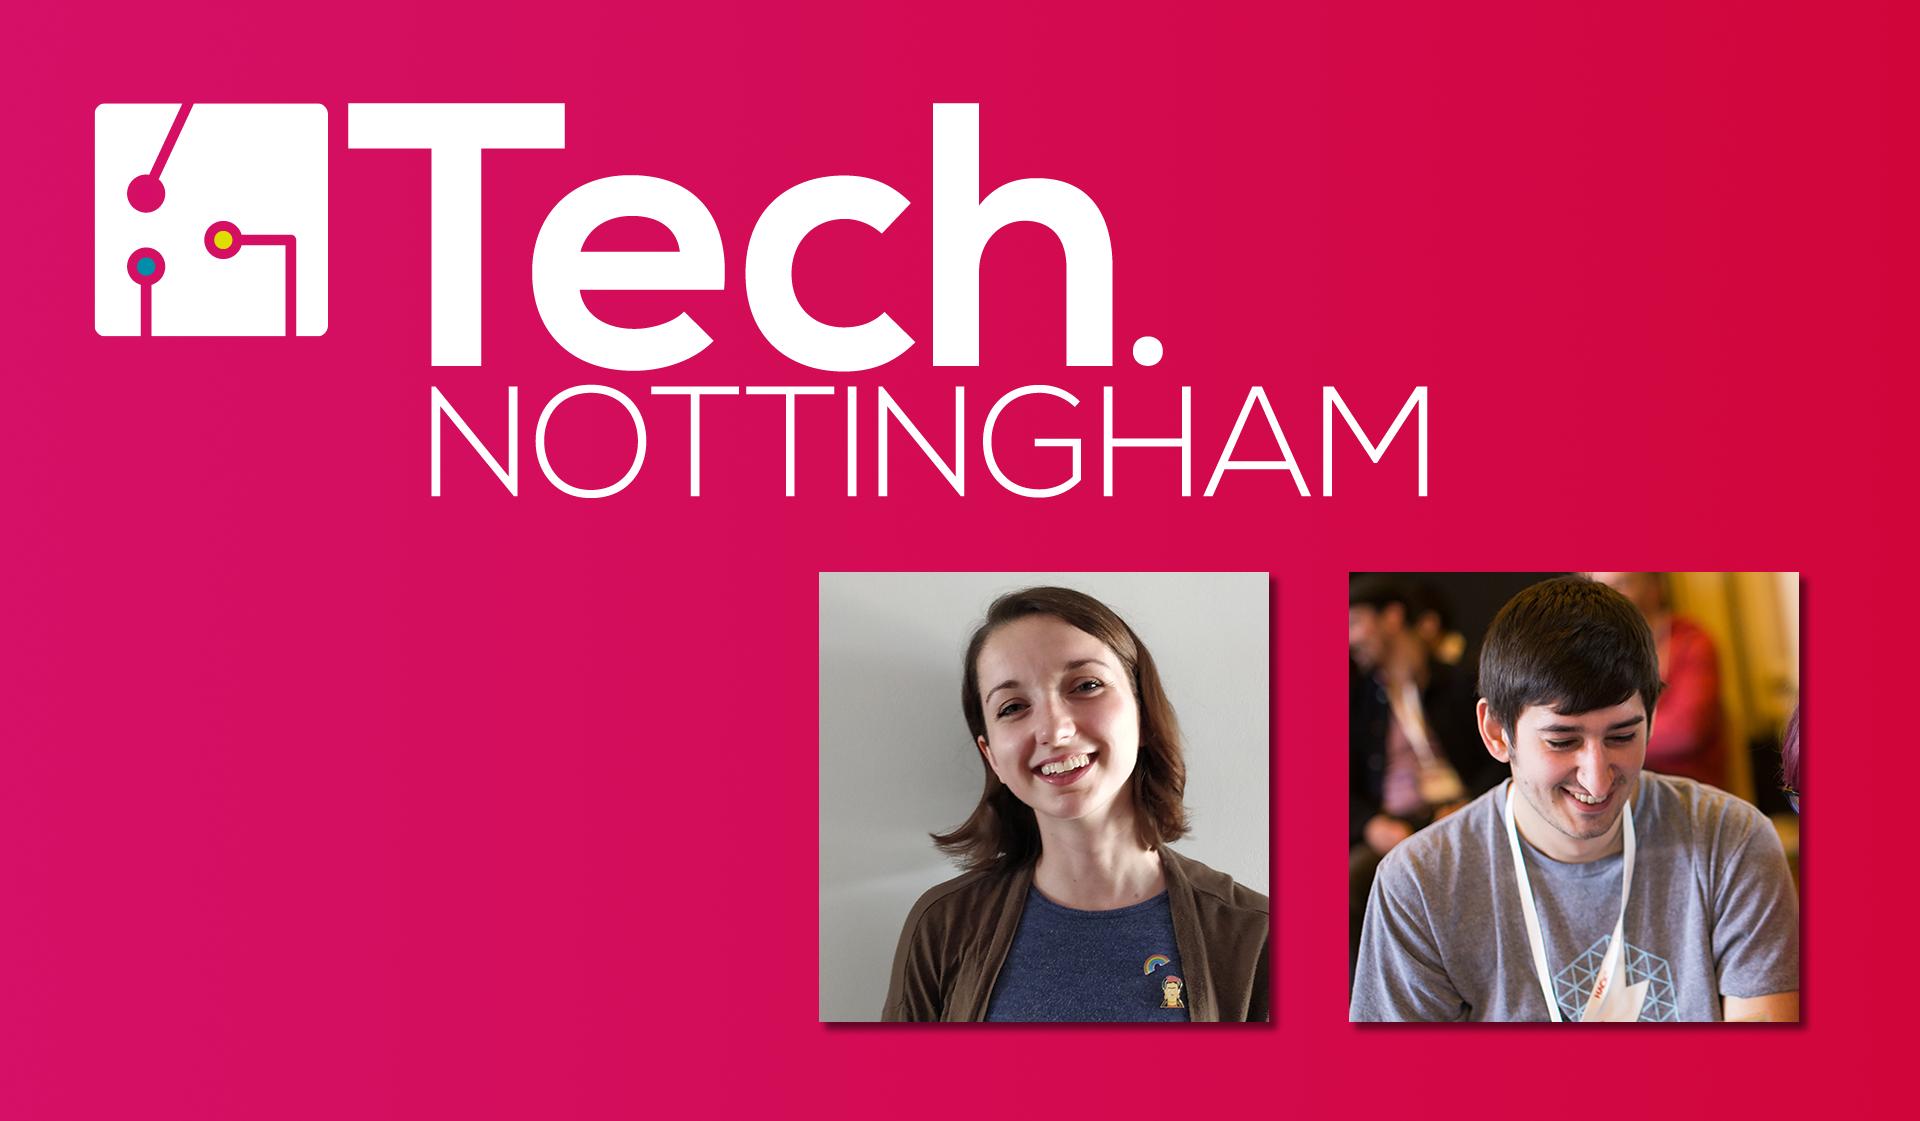 Tech-Nott-banner-Nov-2018.png